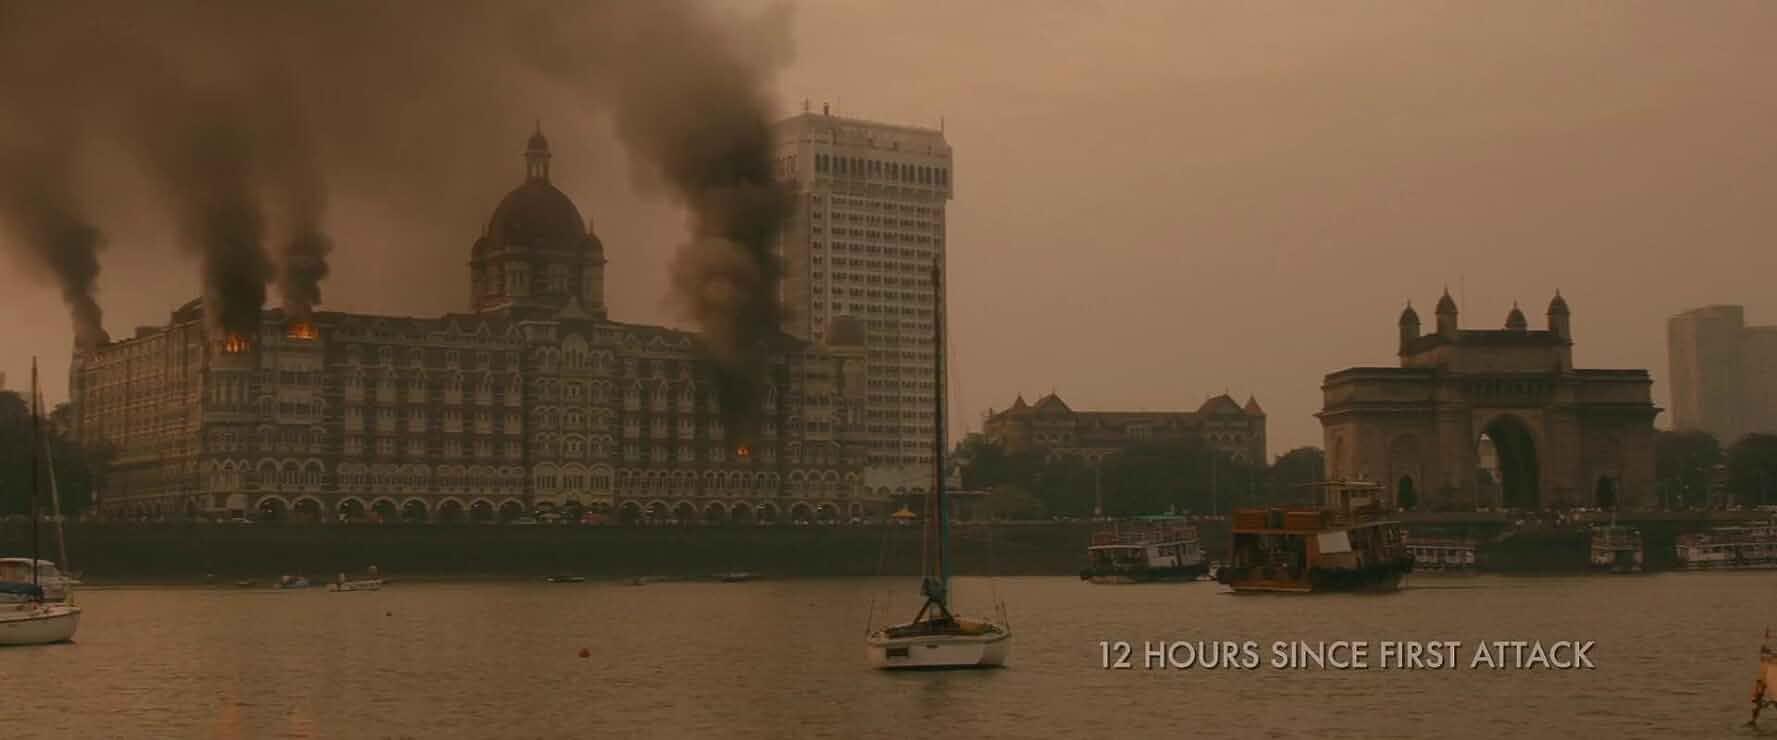 Hotel Mumbai (2018) Full Movie Download In Hindi